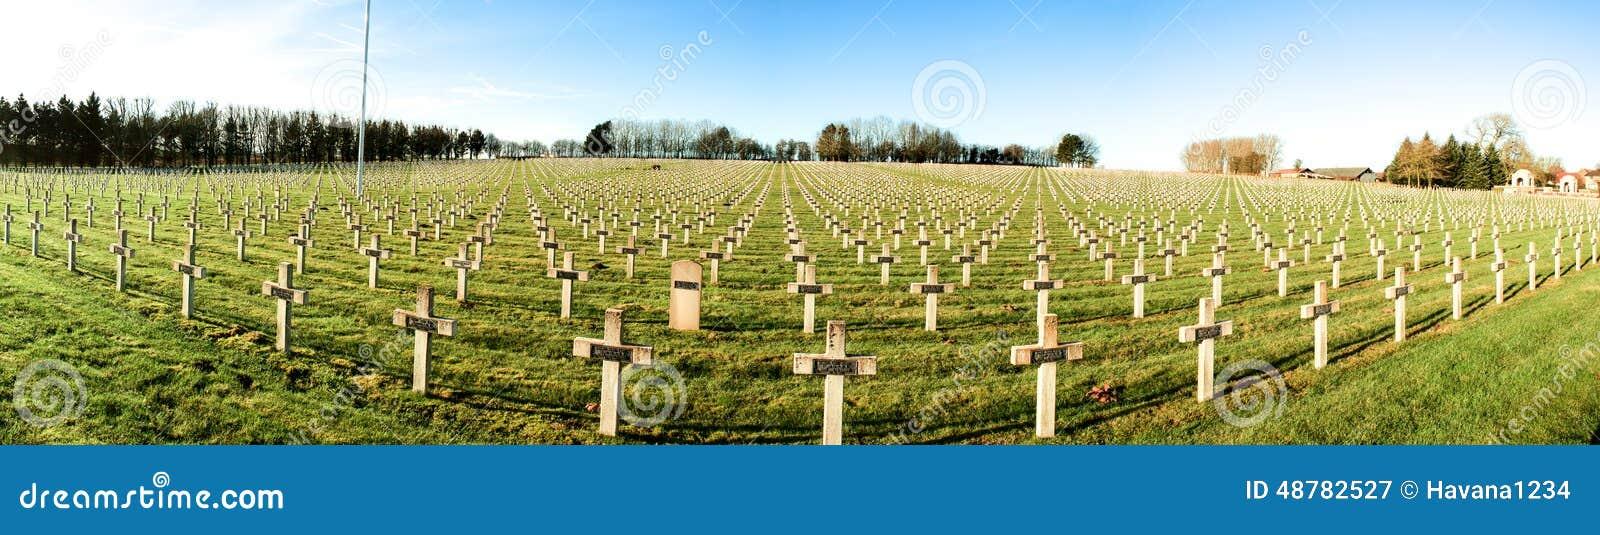 Cimetière de panorama des soldats français de la guerre mondiale 1 dans Targette